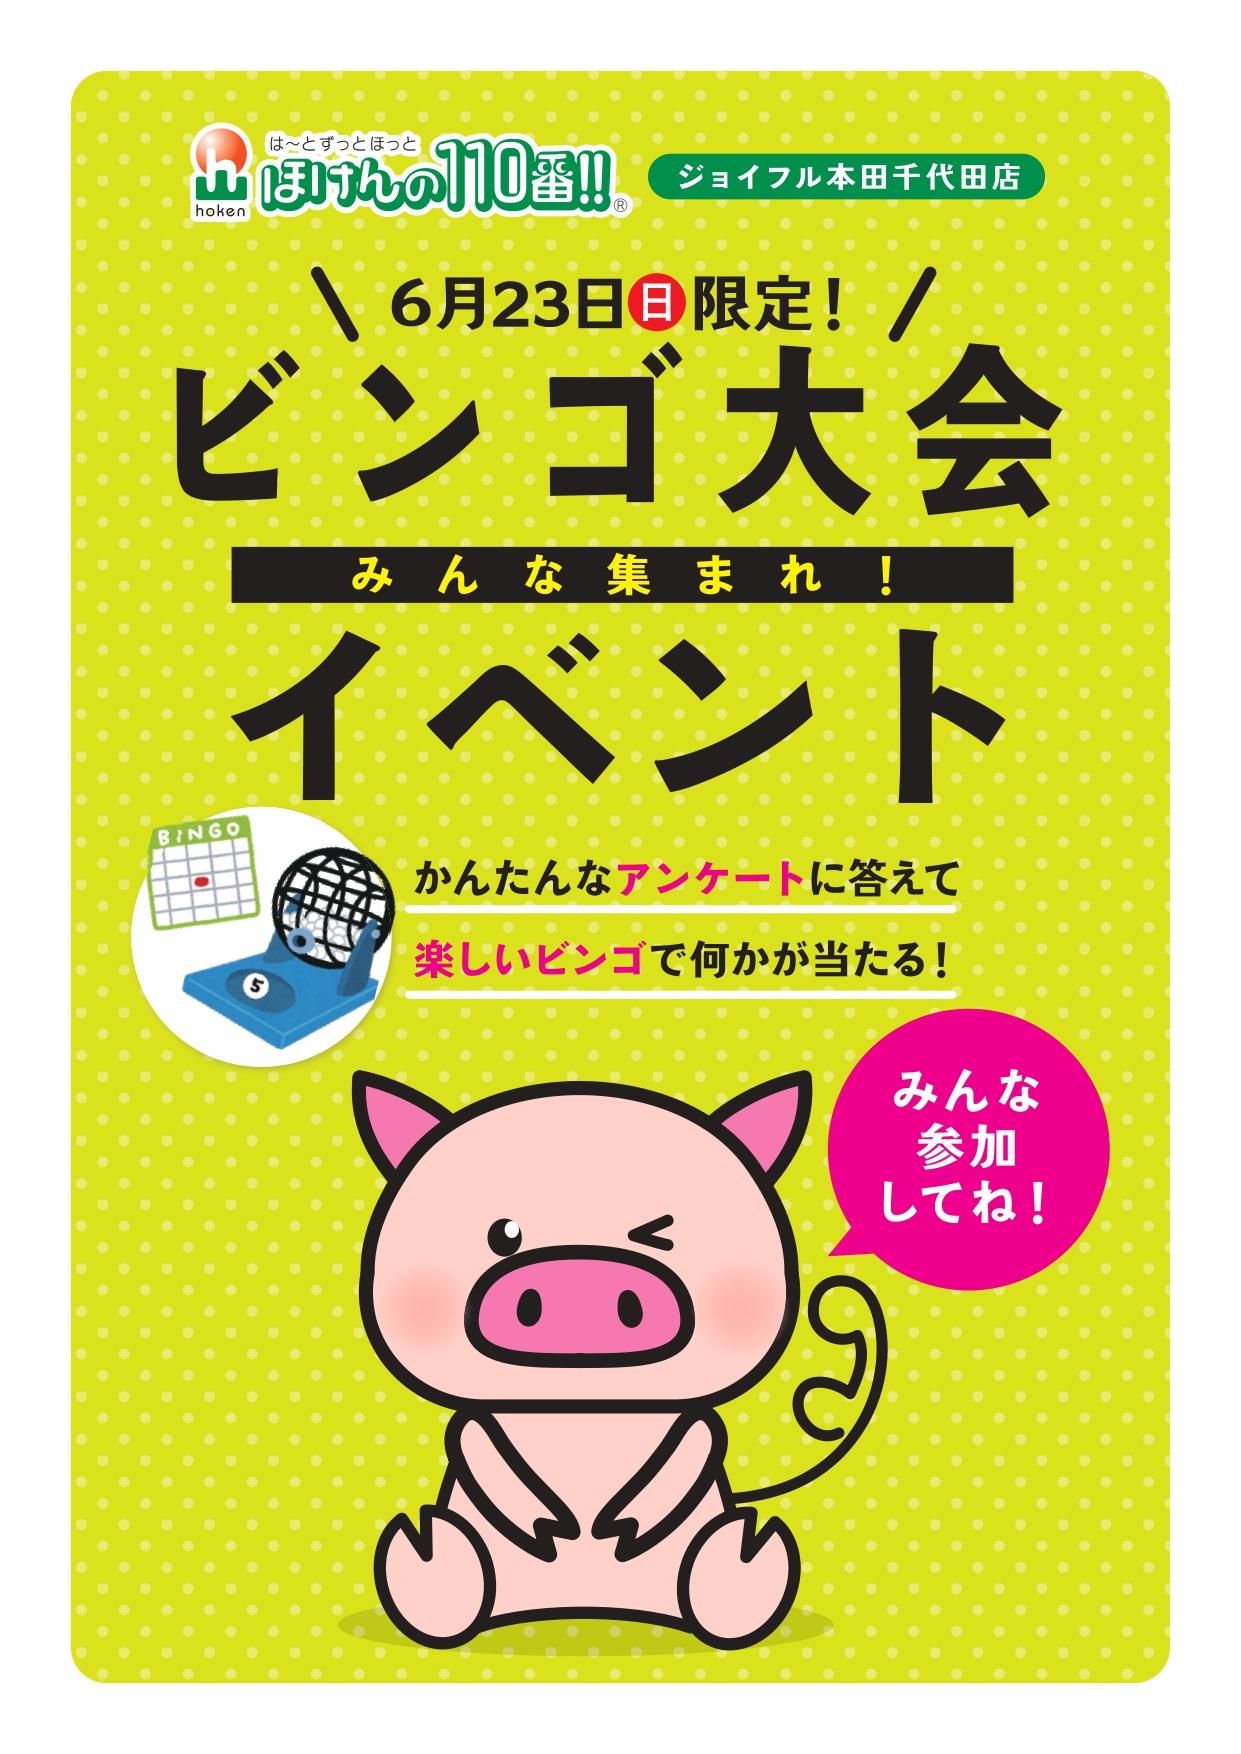 2019.6月開店2周年チラシ【修正版】_page-0001.jpg